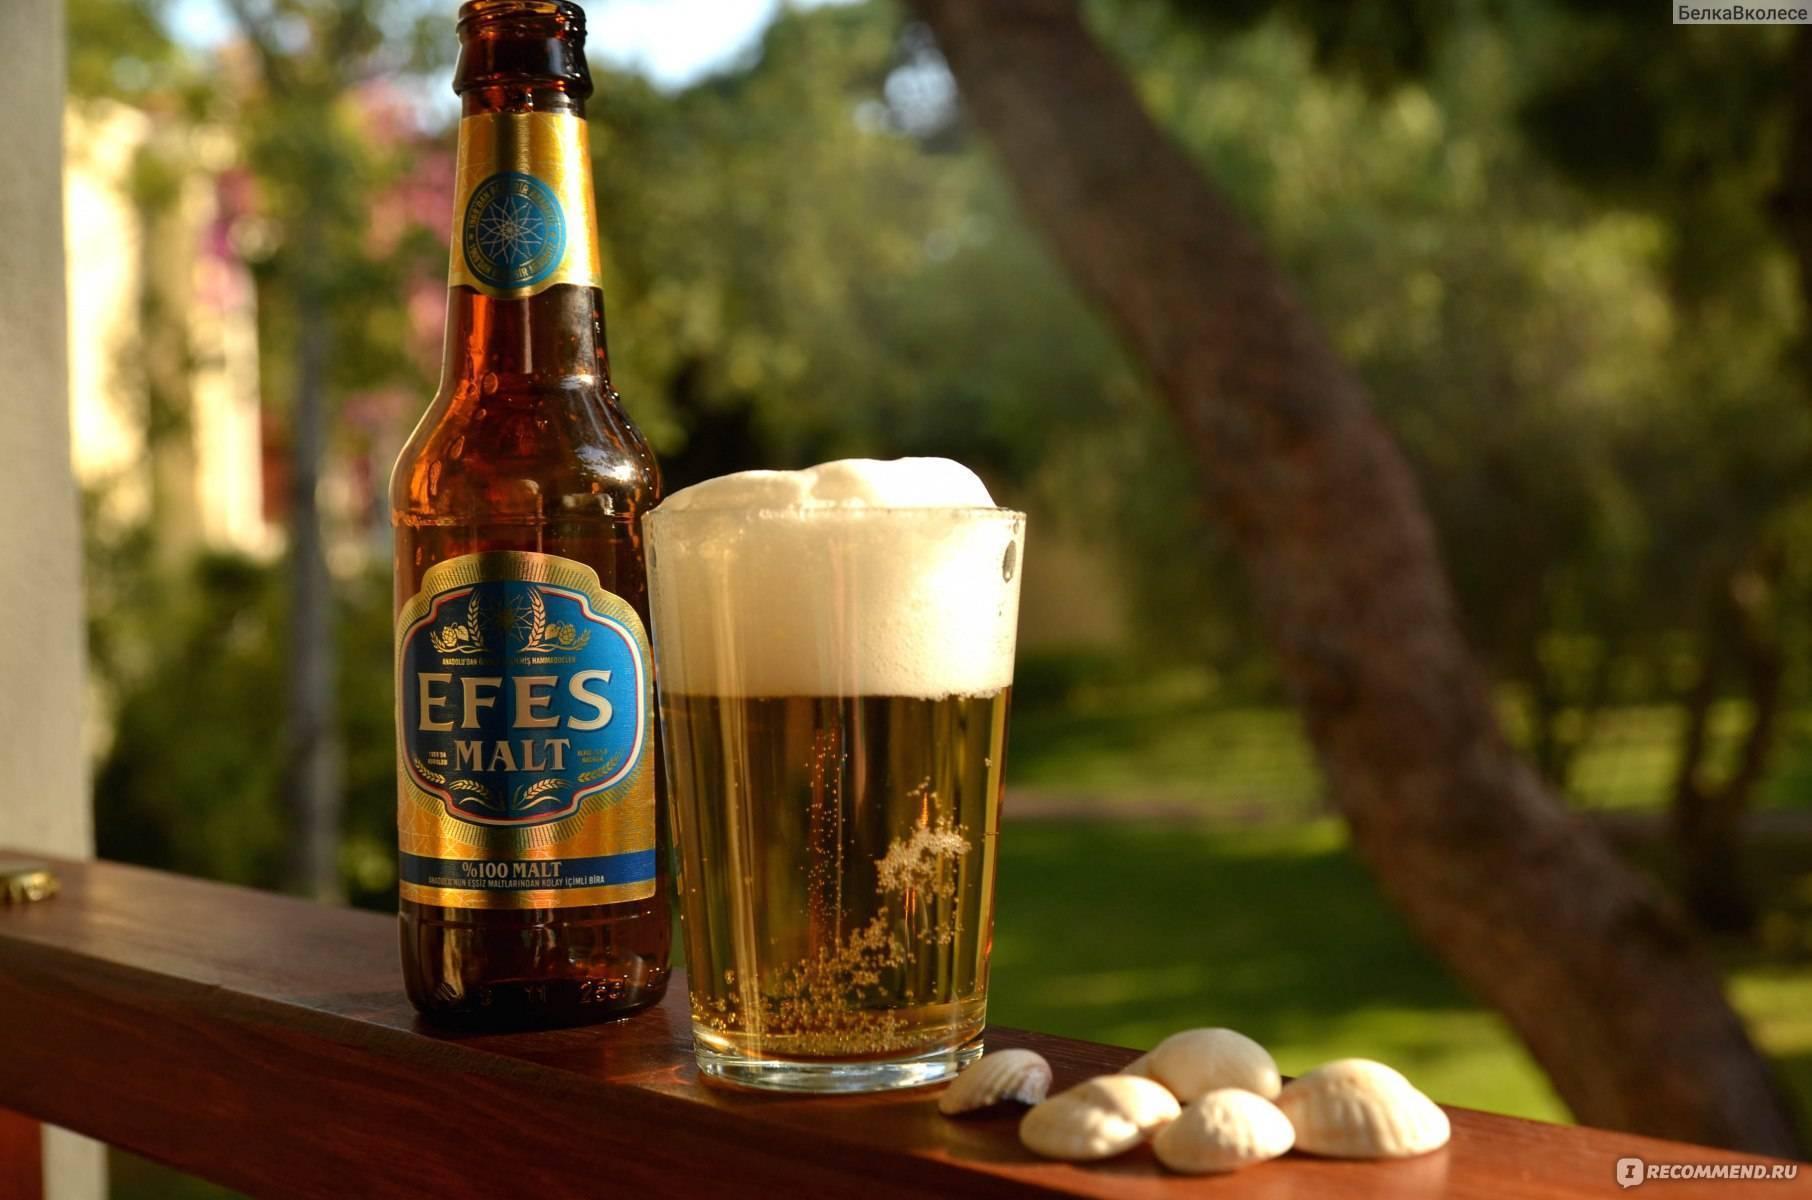 Чем могут отличаться лагер и эль - популярные виды пива?